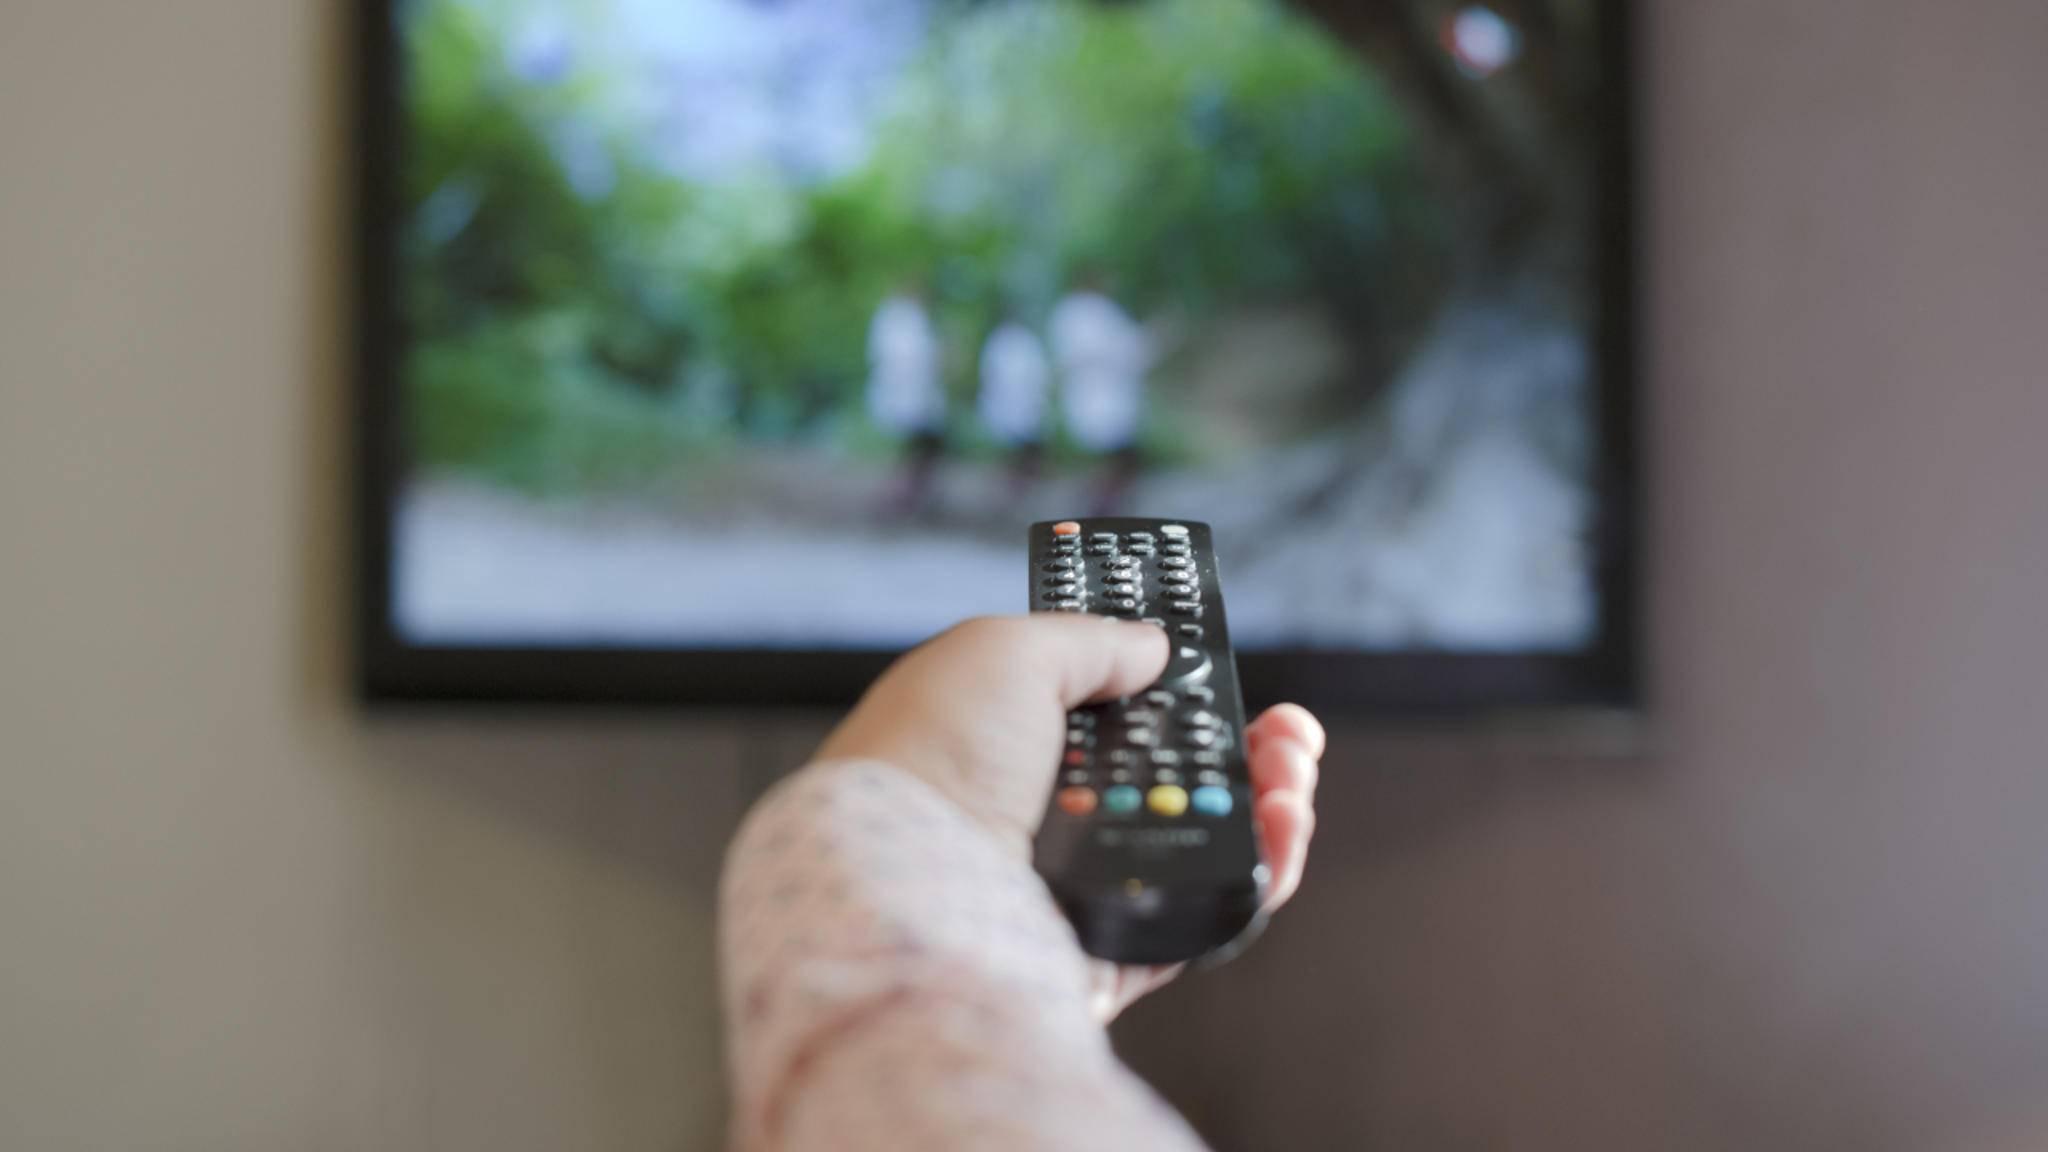 Brummt der Fernseher plötzlich laut, gilt es zunächst, die Quelle des Störgeräuschs ausfindig zu machen.